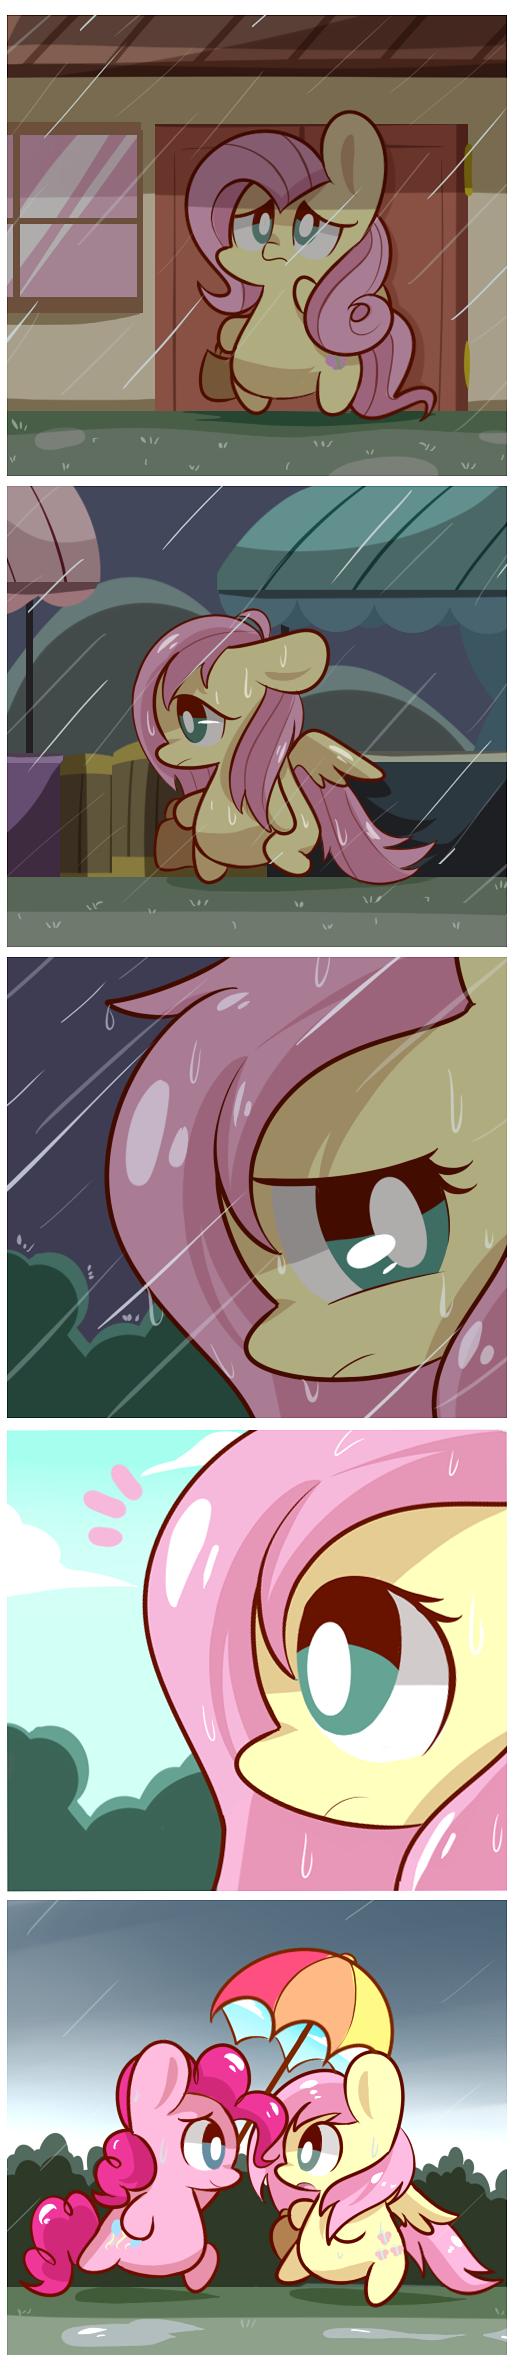 Rainy Day by ILifeloser